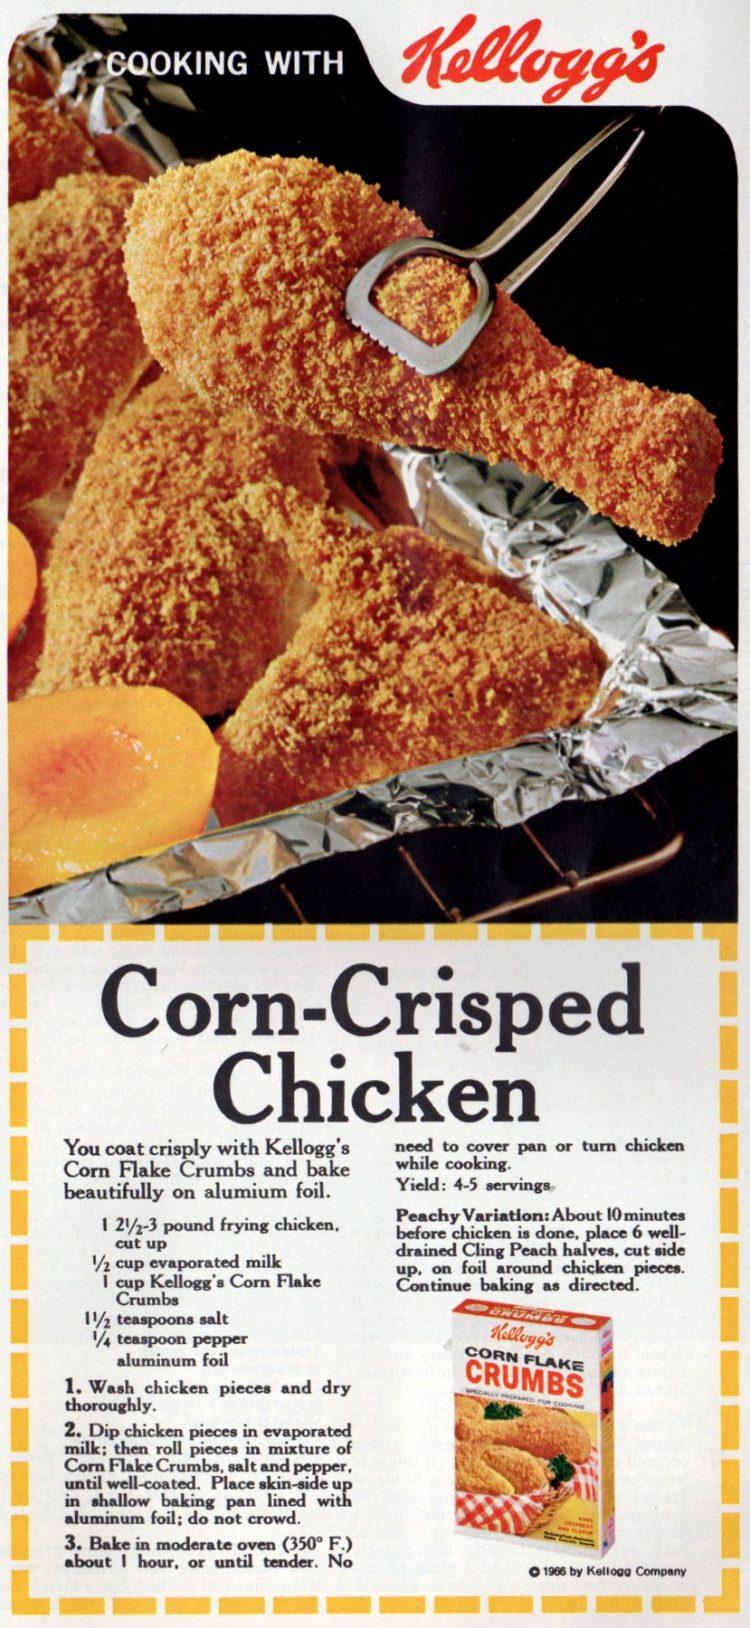 Corn-crisped chicken vintage recipe